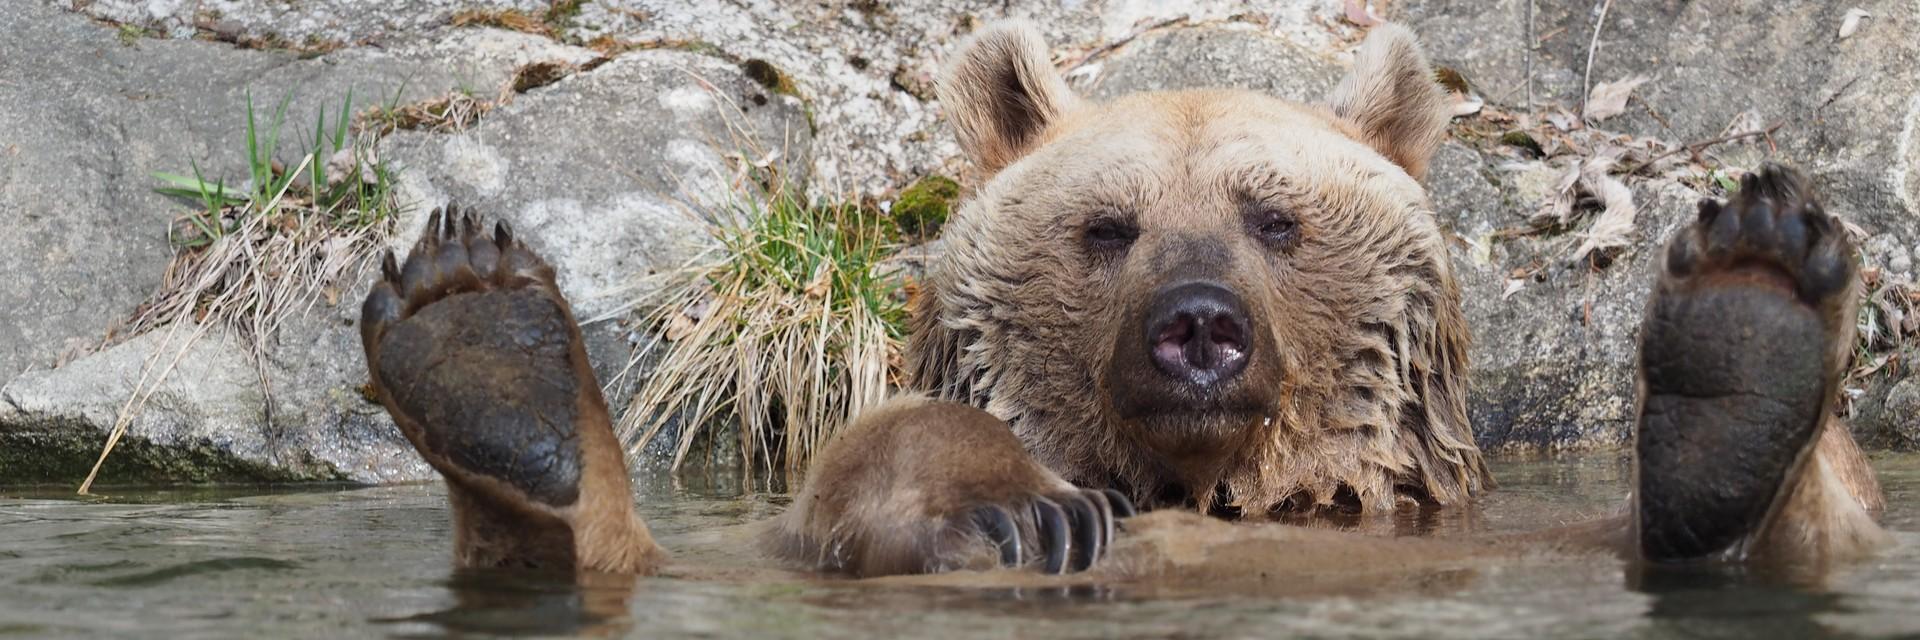 Braunbär badet gemütlich im Teich